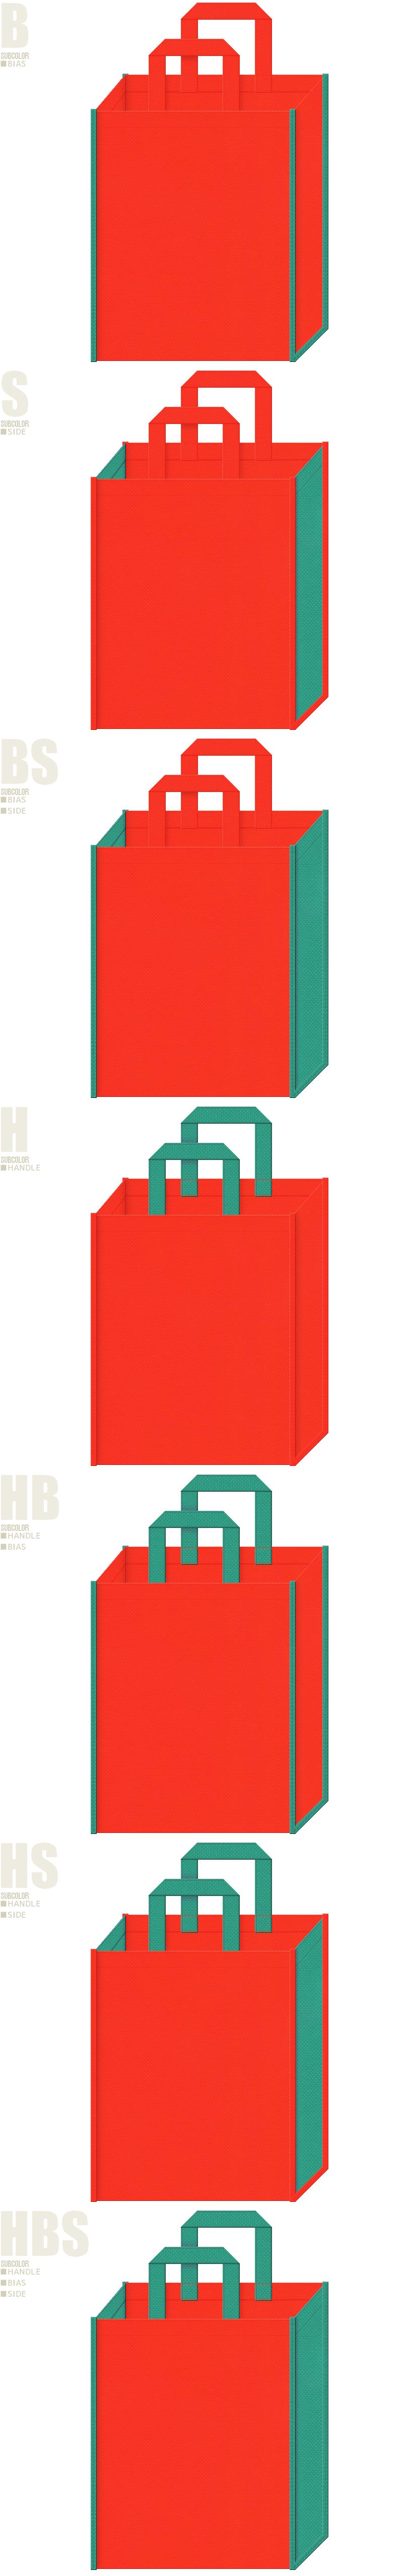 不織布バッグのデザイン:オレンジ色と青緑色の配色7パターン